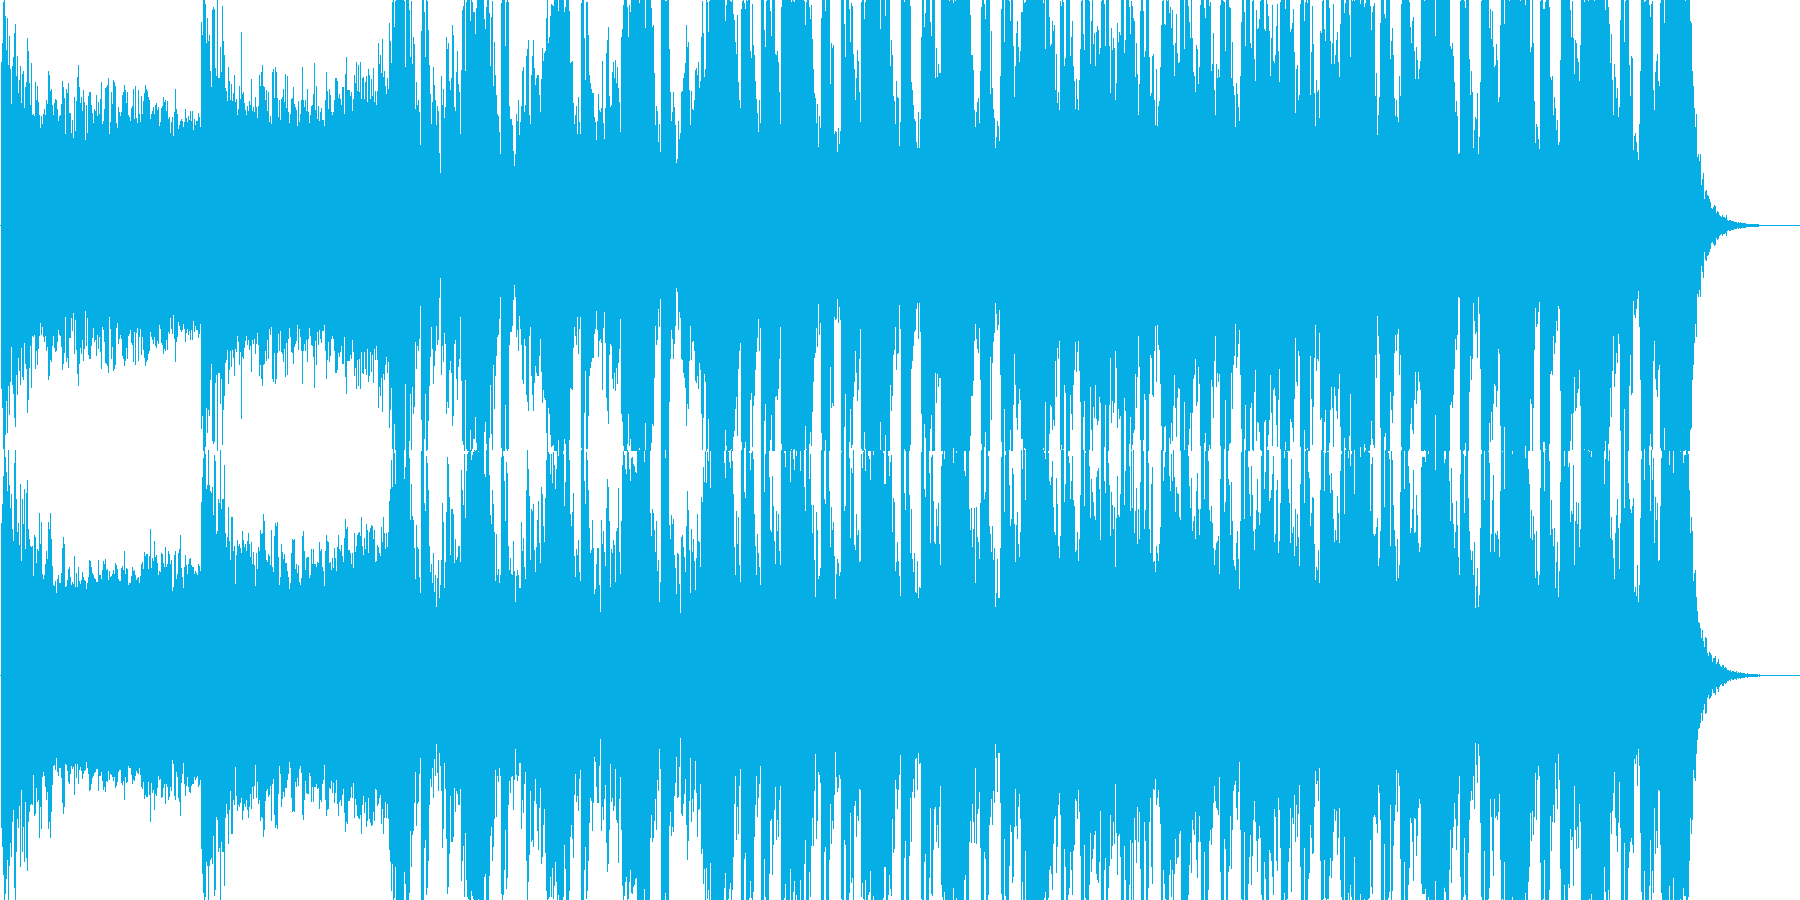 ゲームやアニメなどに合うラスボス感ある曲の再生済みの波形